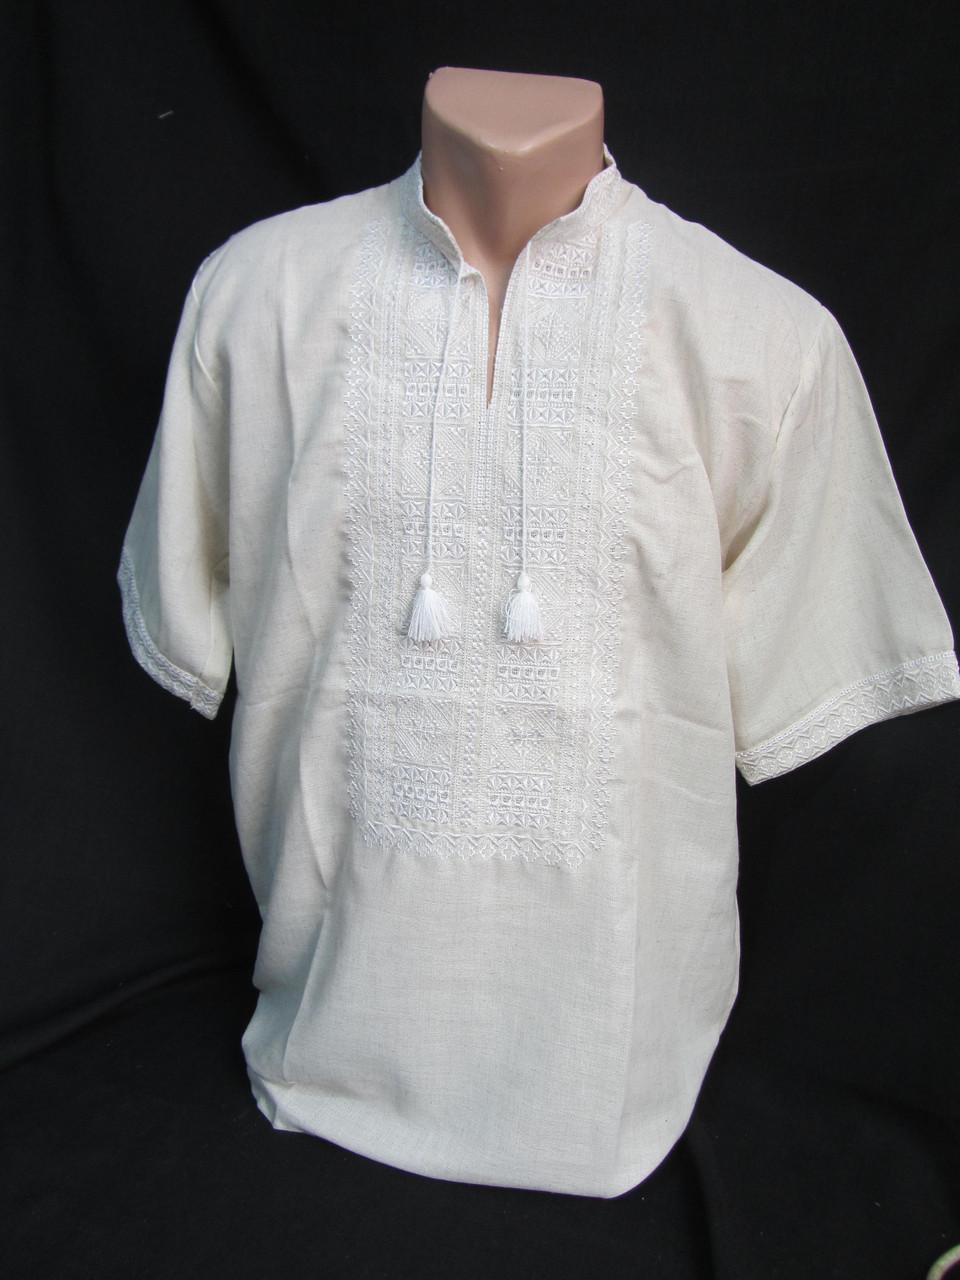 """Вышиванка  """"Квадраты"""", серое домотканое полотно, с коротким рукавом, 44-60 р-ры, 480/550 (цена за 1 шт.+70гр.)"""